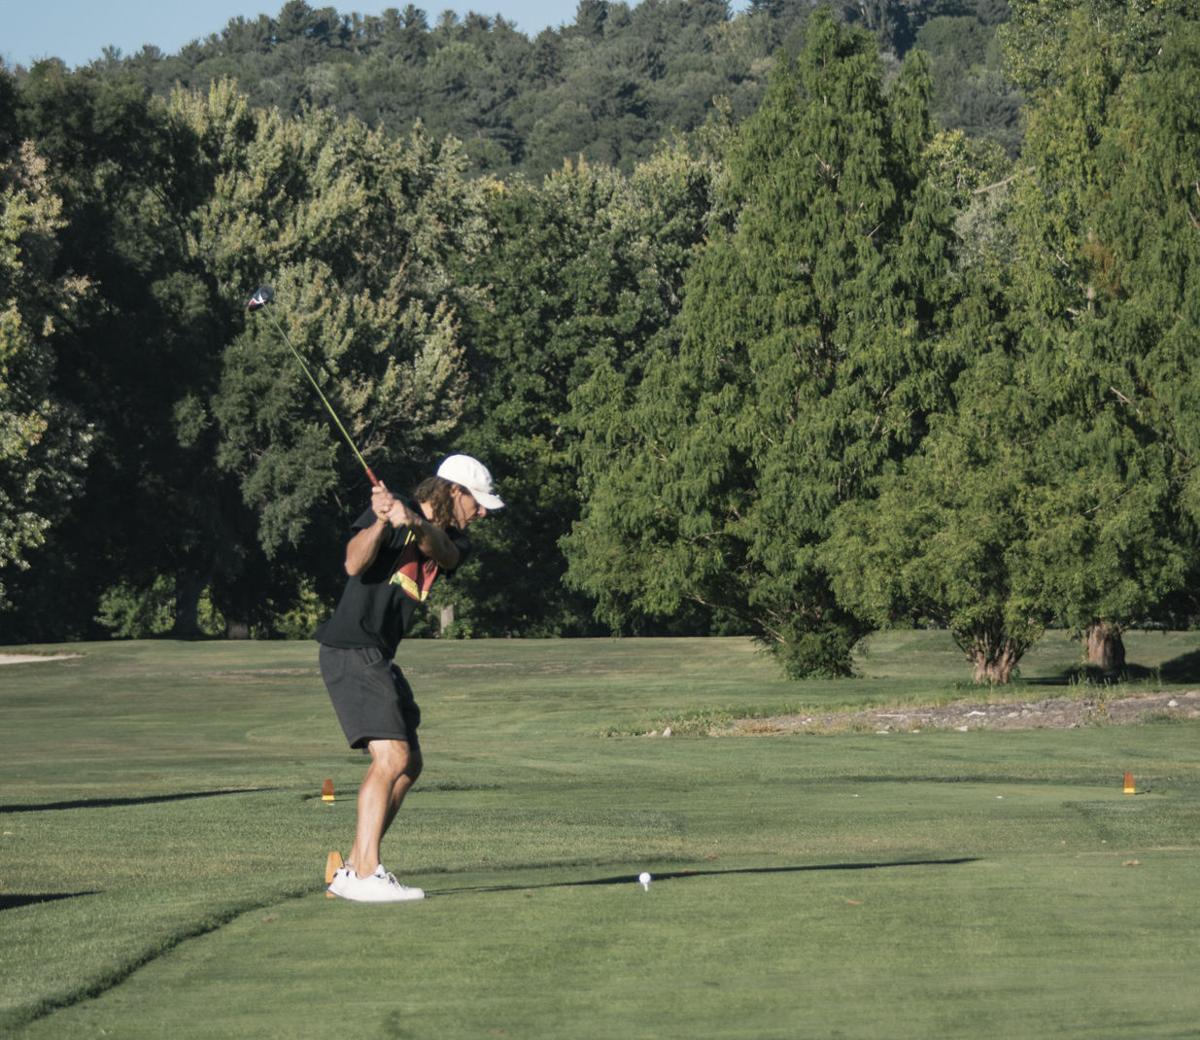 Newman Municipal Golf Course